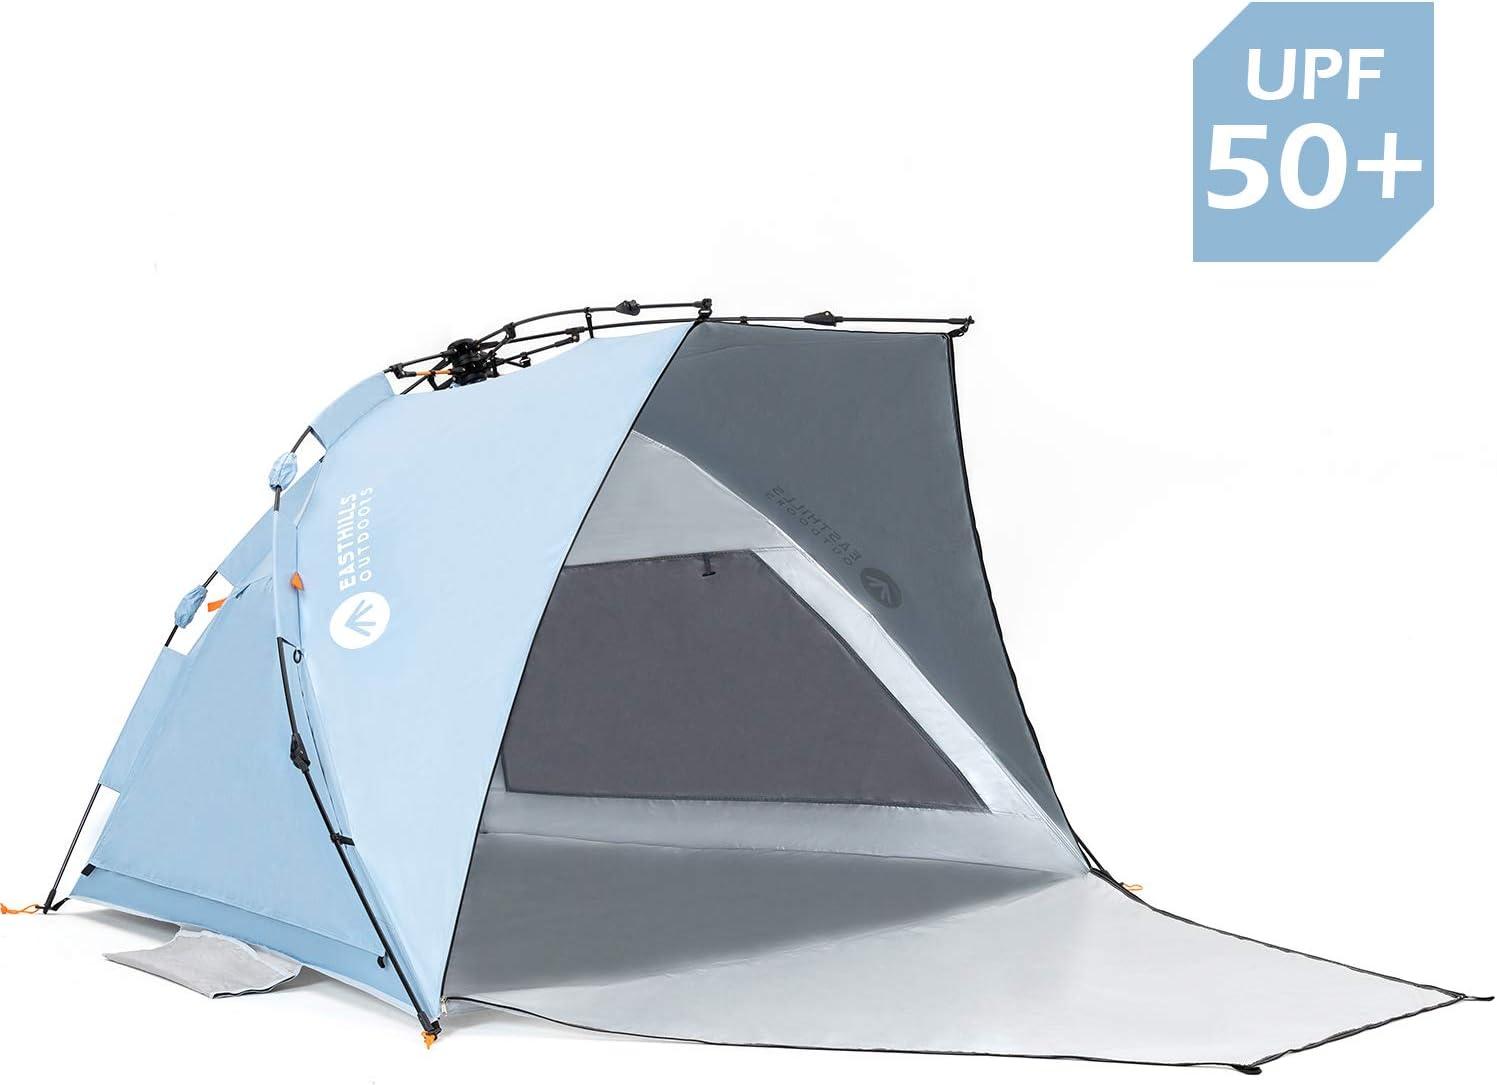 Easthills Tienda de campa/ña para Playa con protecci/ón Solar UPF 50 Porche con Cremallera extendido Incluido Extragrande